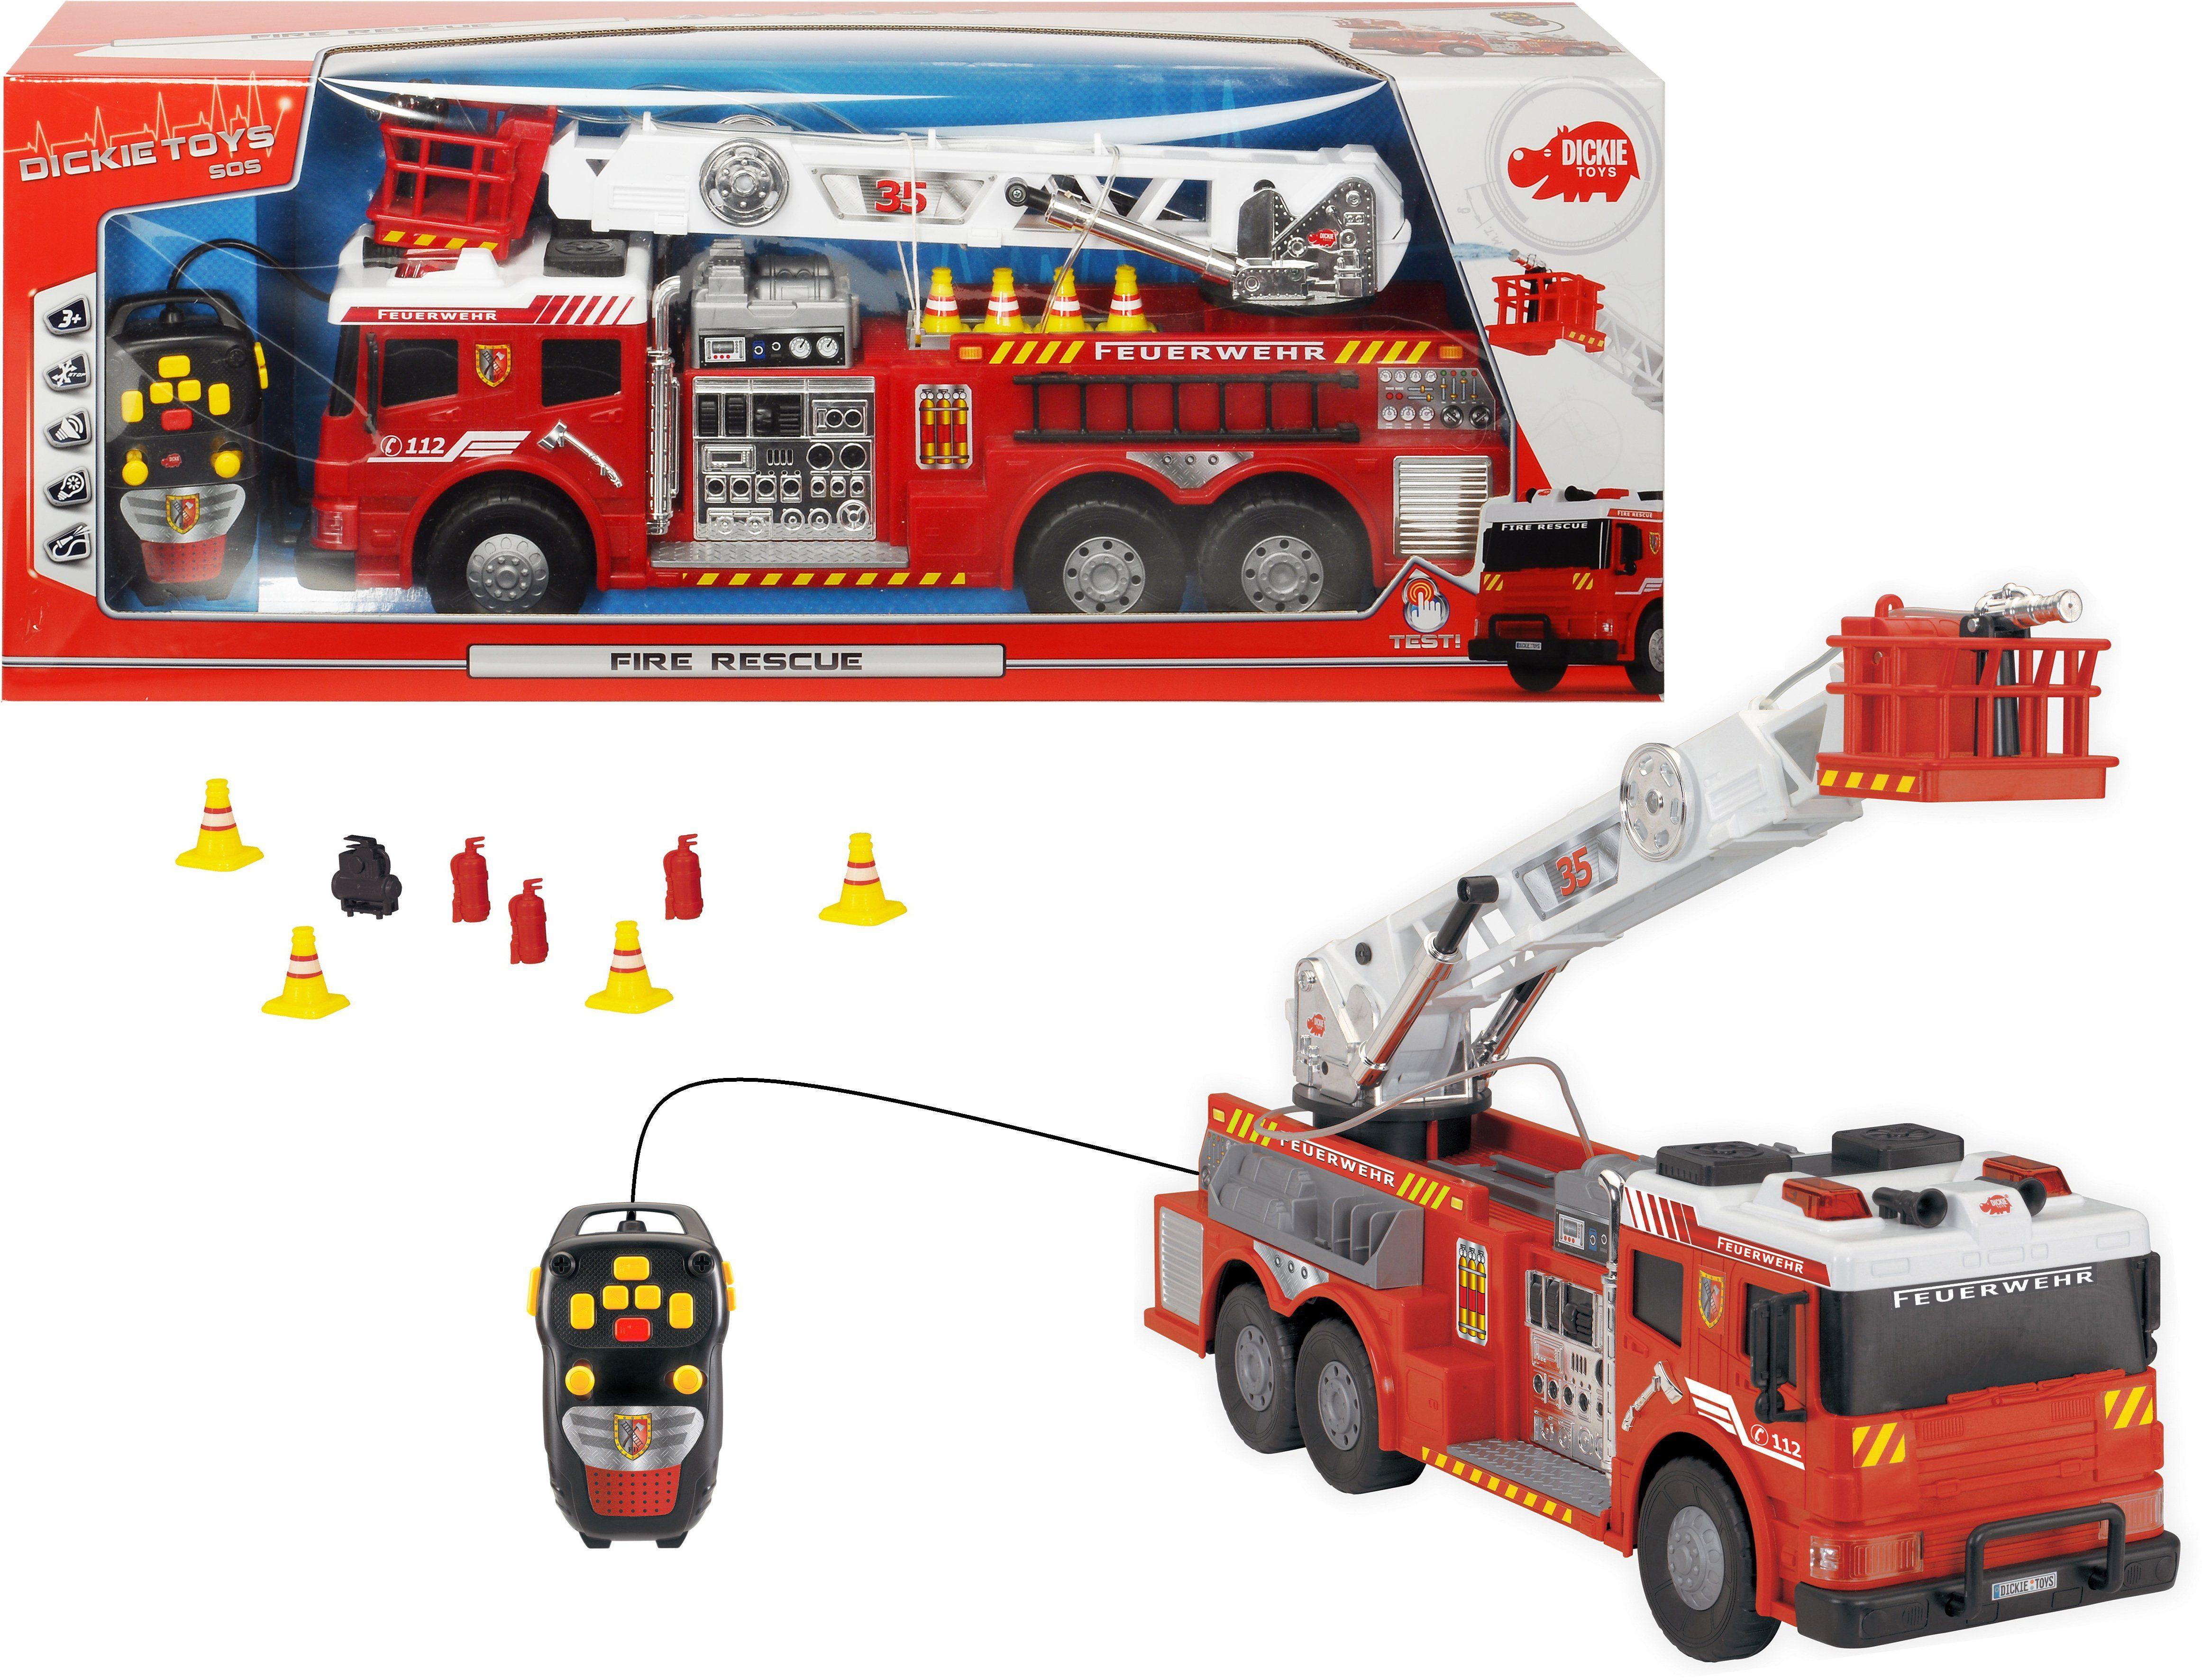 Dickie Toys Kabelgesteuertes Feuerwehrauto mit Wasserspritze, »Fire Rescue«